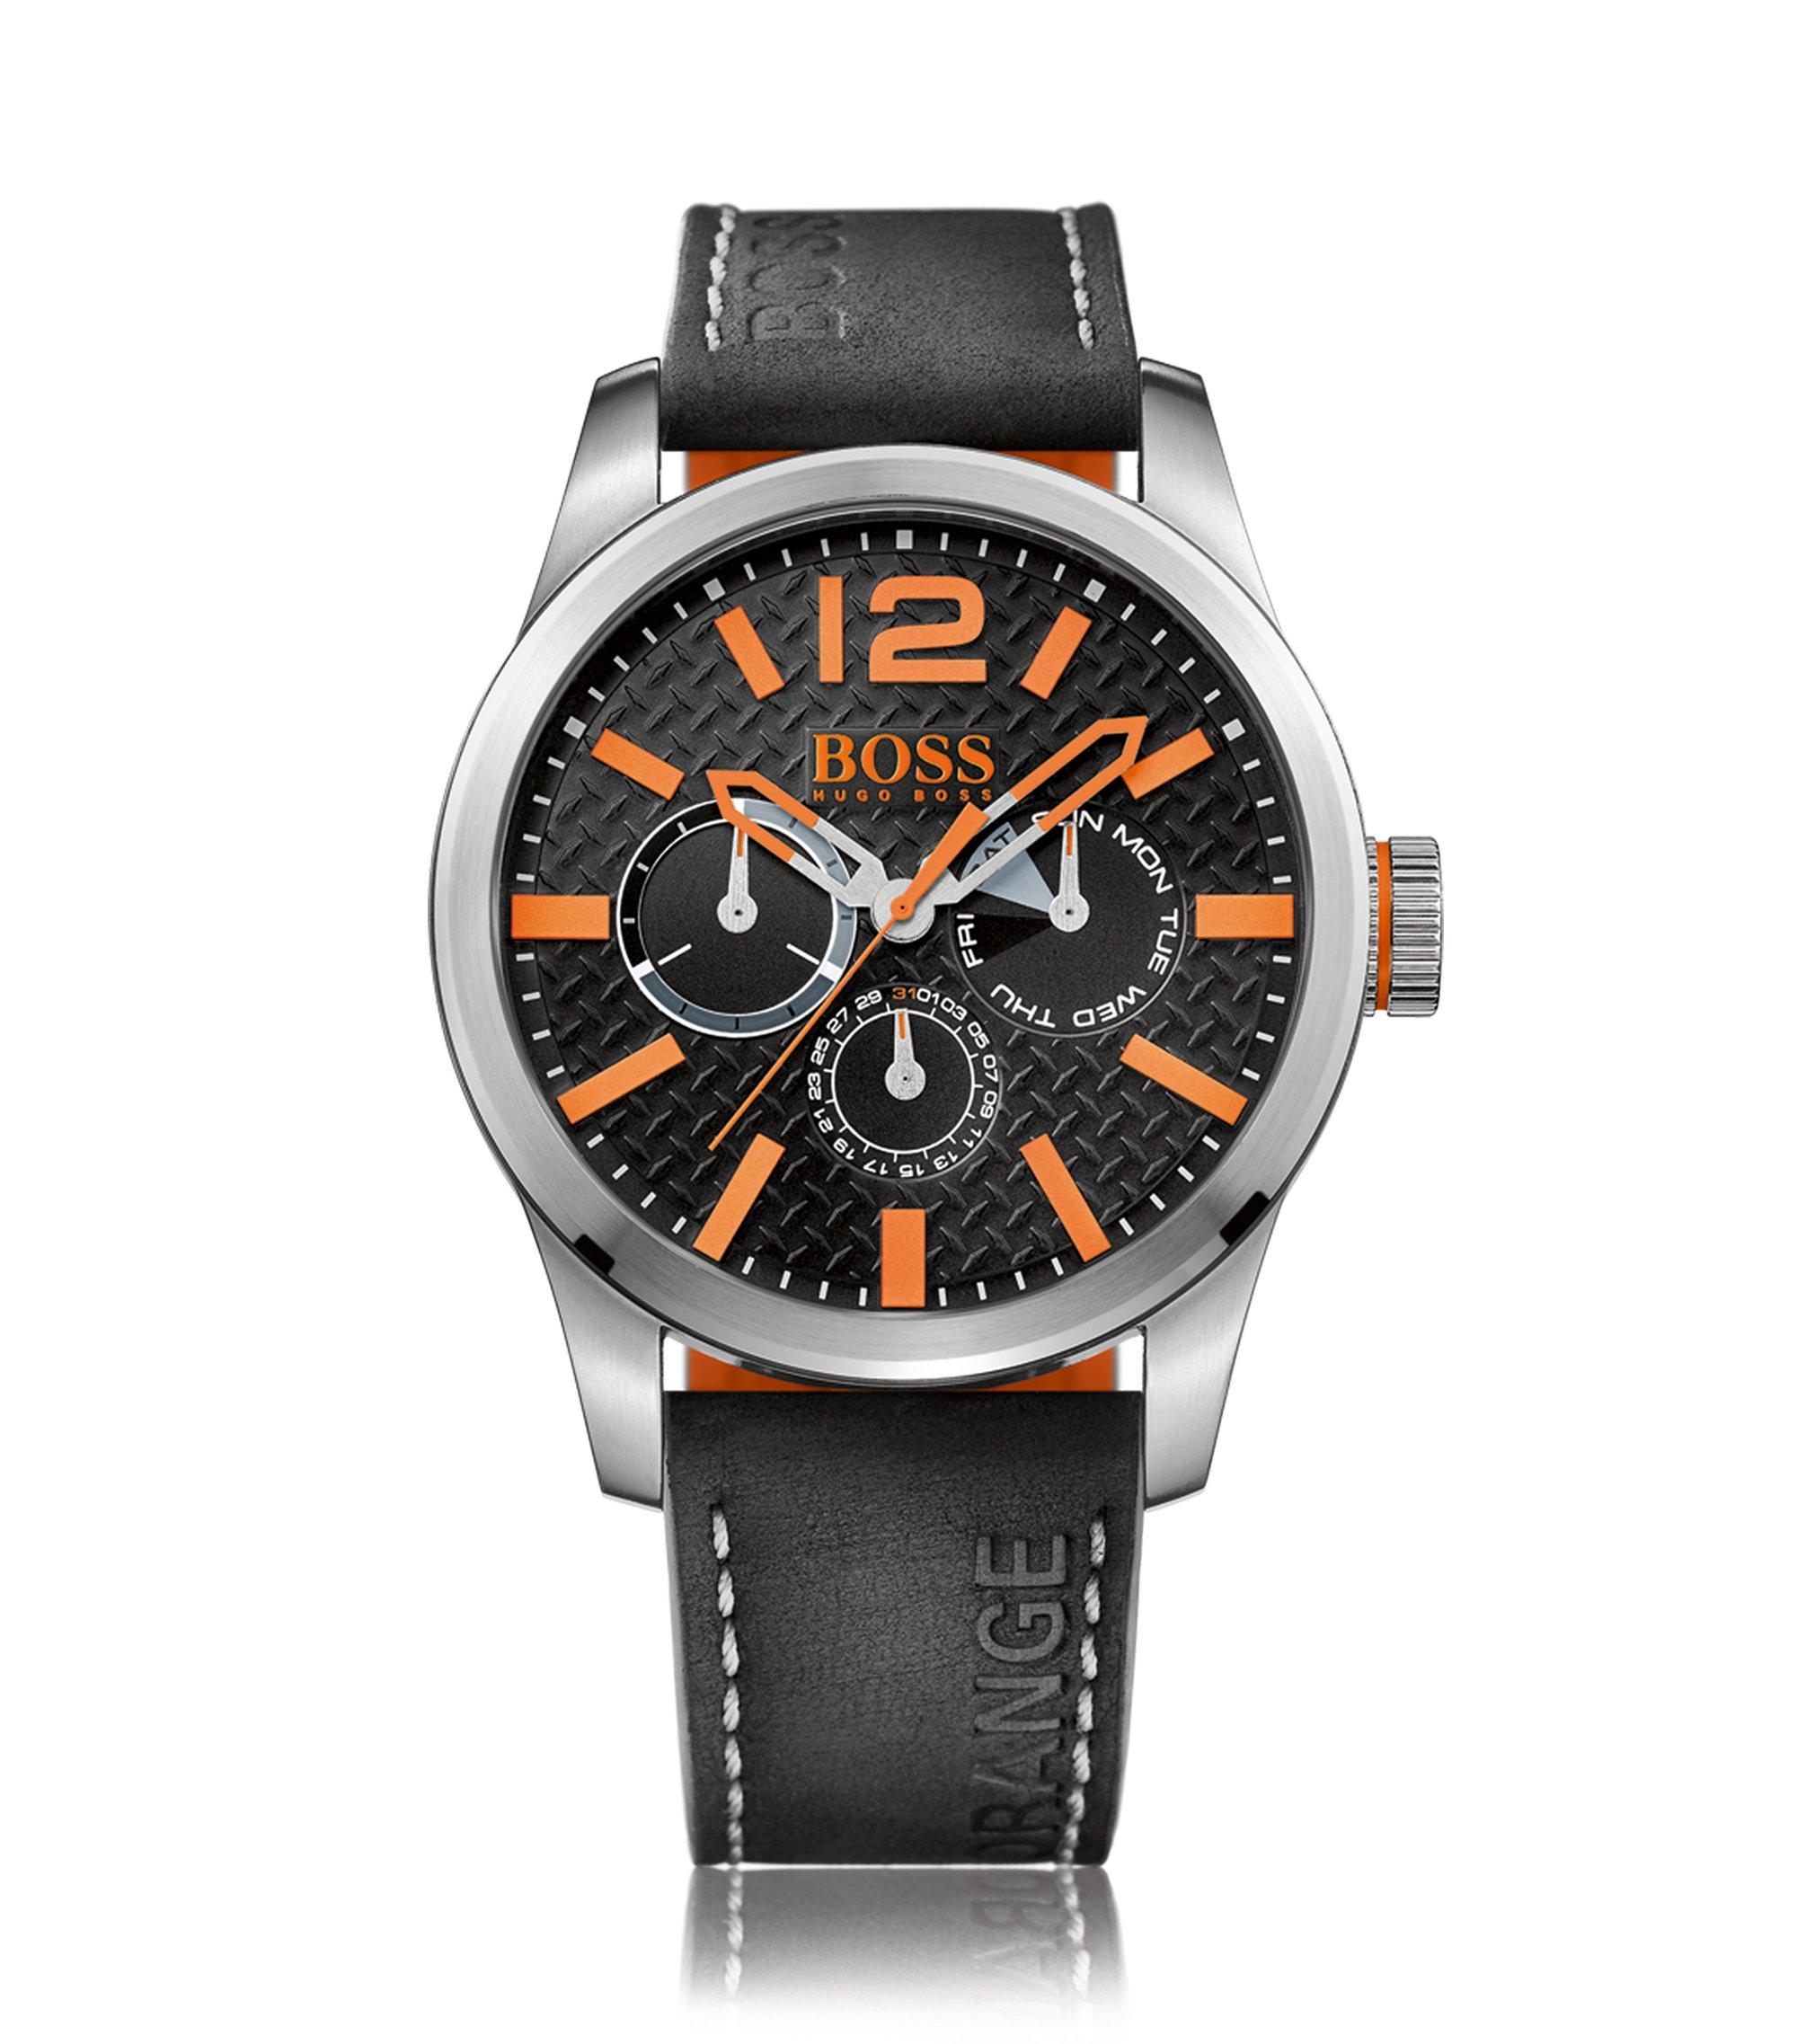 Orologio con diversi contatori in acciaio inox dotato di indici arancioni e cinturino nero in nabuk, Arancione